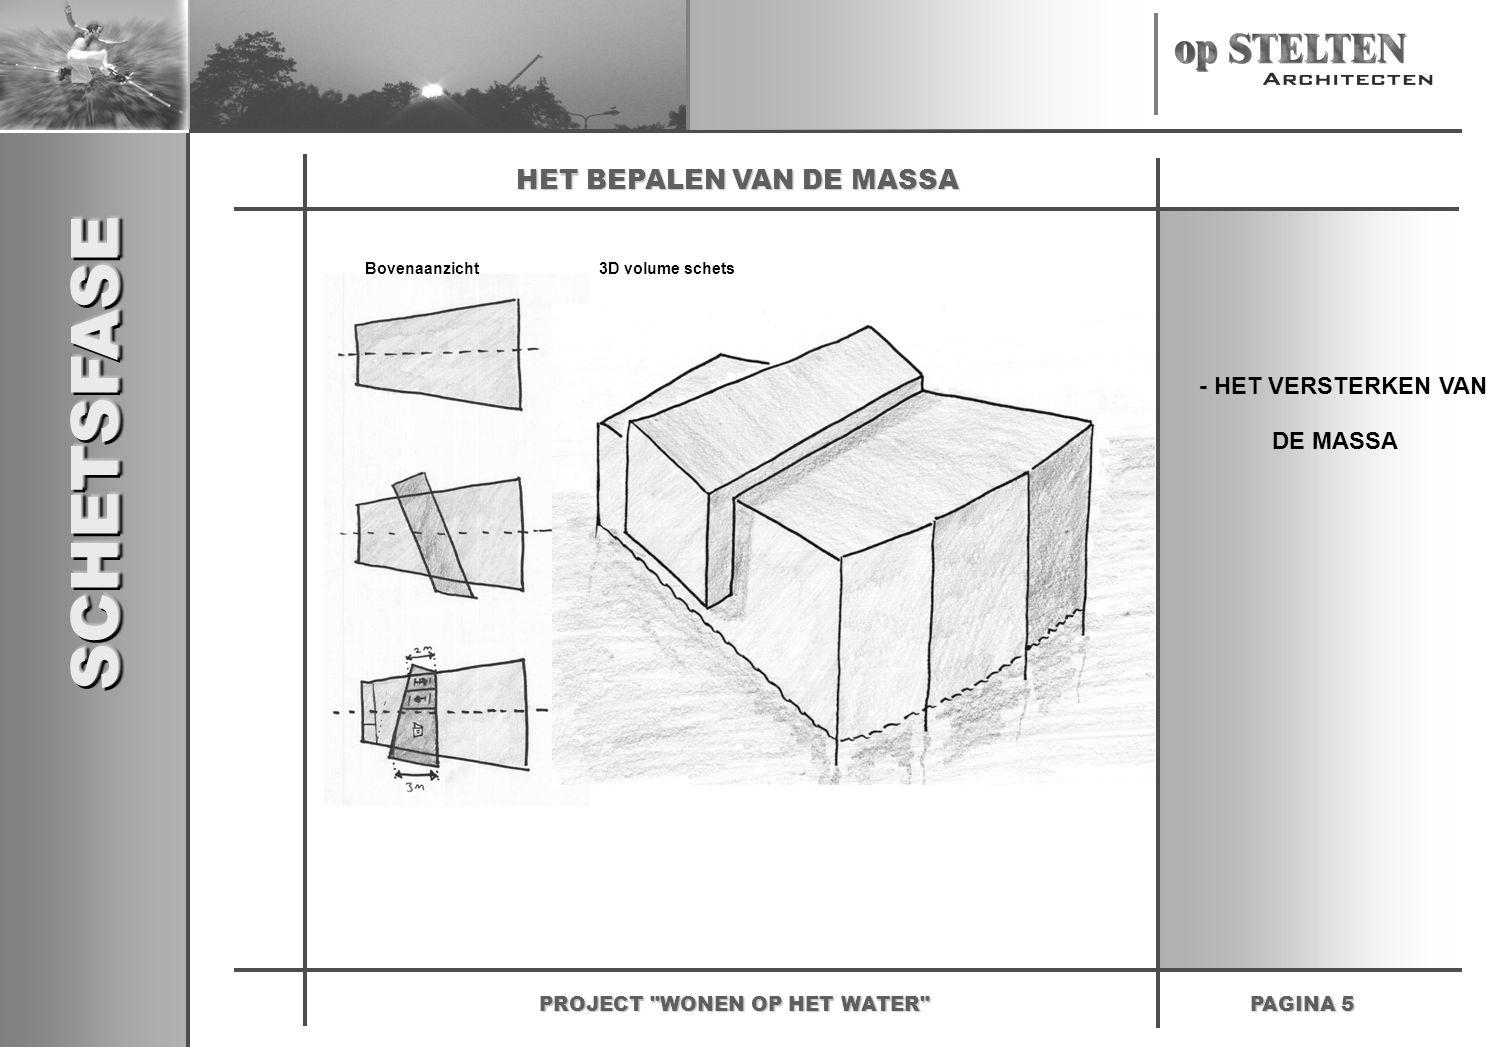 SCHETSFASESCHETSFASE PAGINA 5 PROJECT WONEN OP HET WATER HET BEPALEN VAN DE MASSA Bovenaanzicht3D volume schets - HET VERSTERKEN VAN DE MASSA